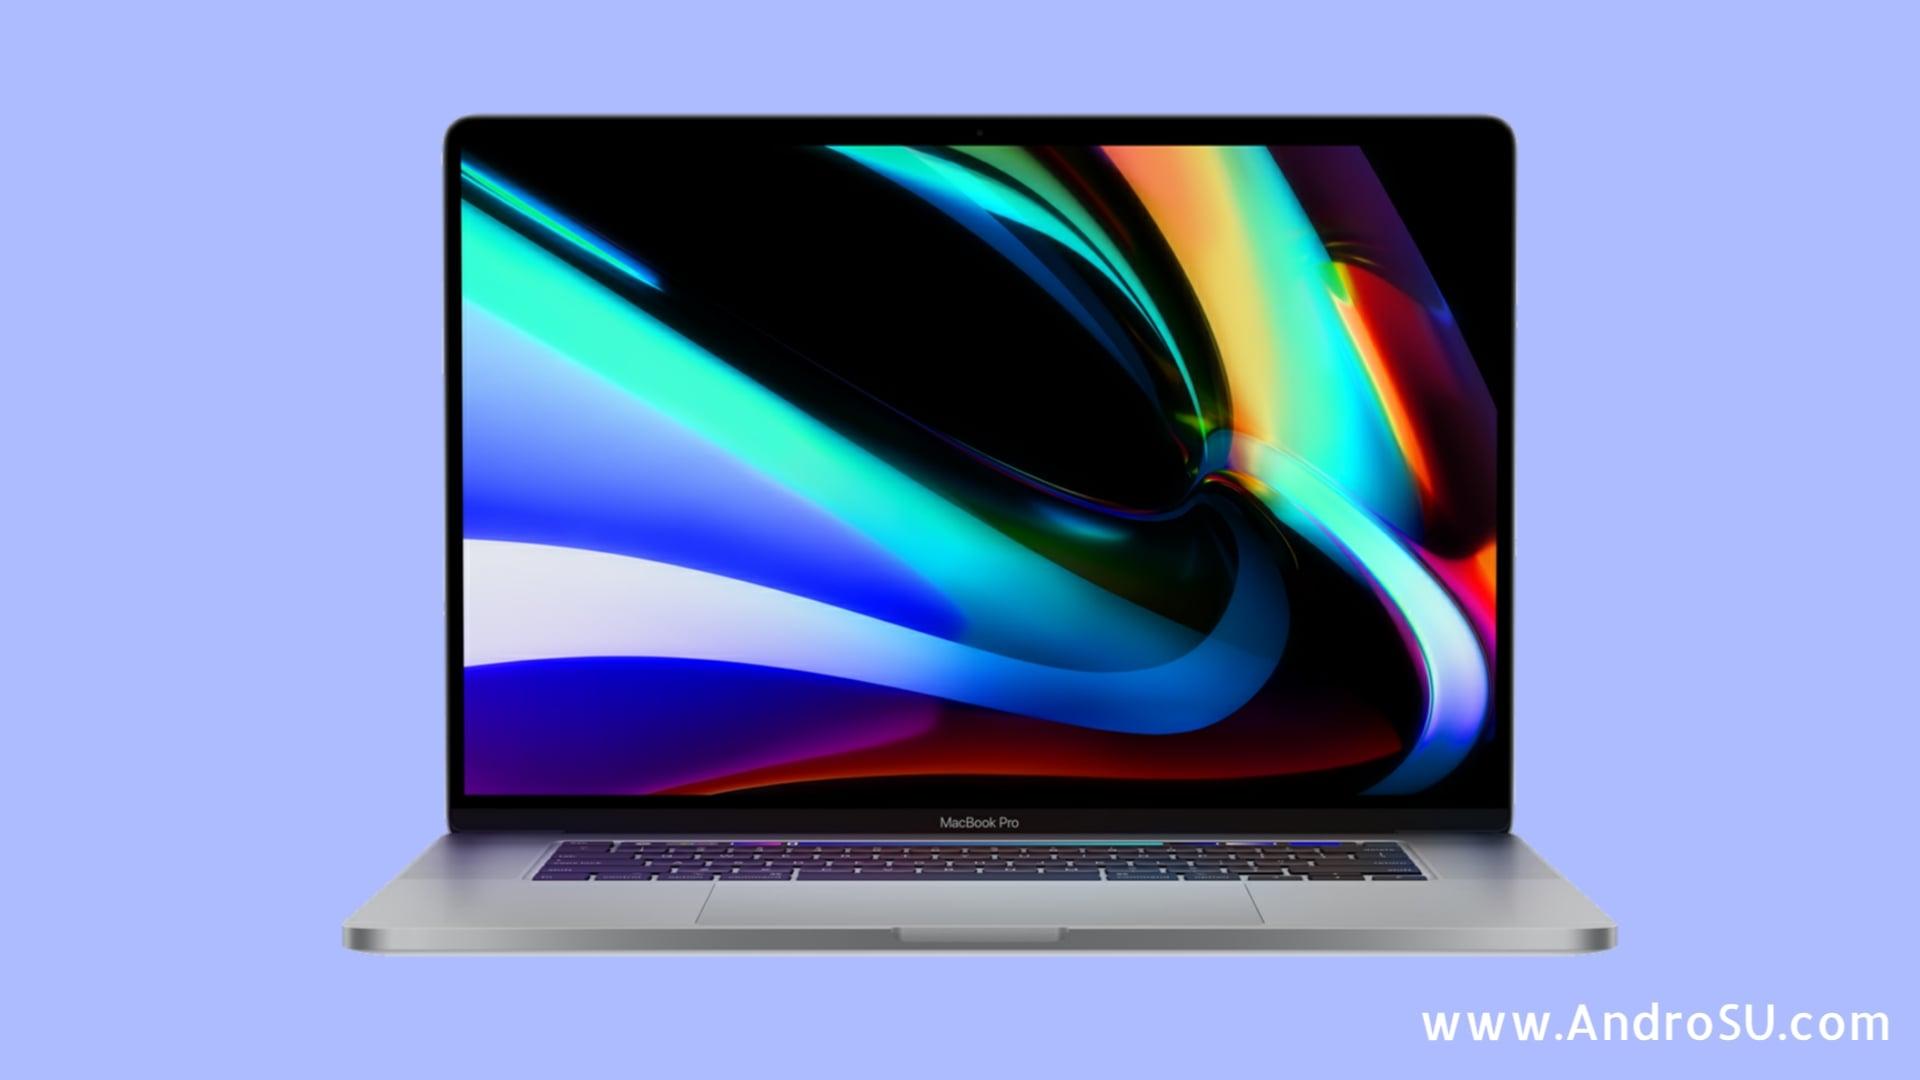 Mac Book Pro, MacBook Pro 2020, New Mac Book Pro